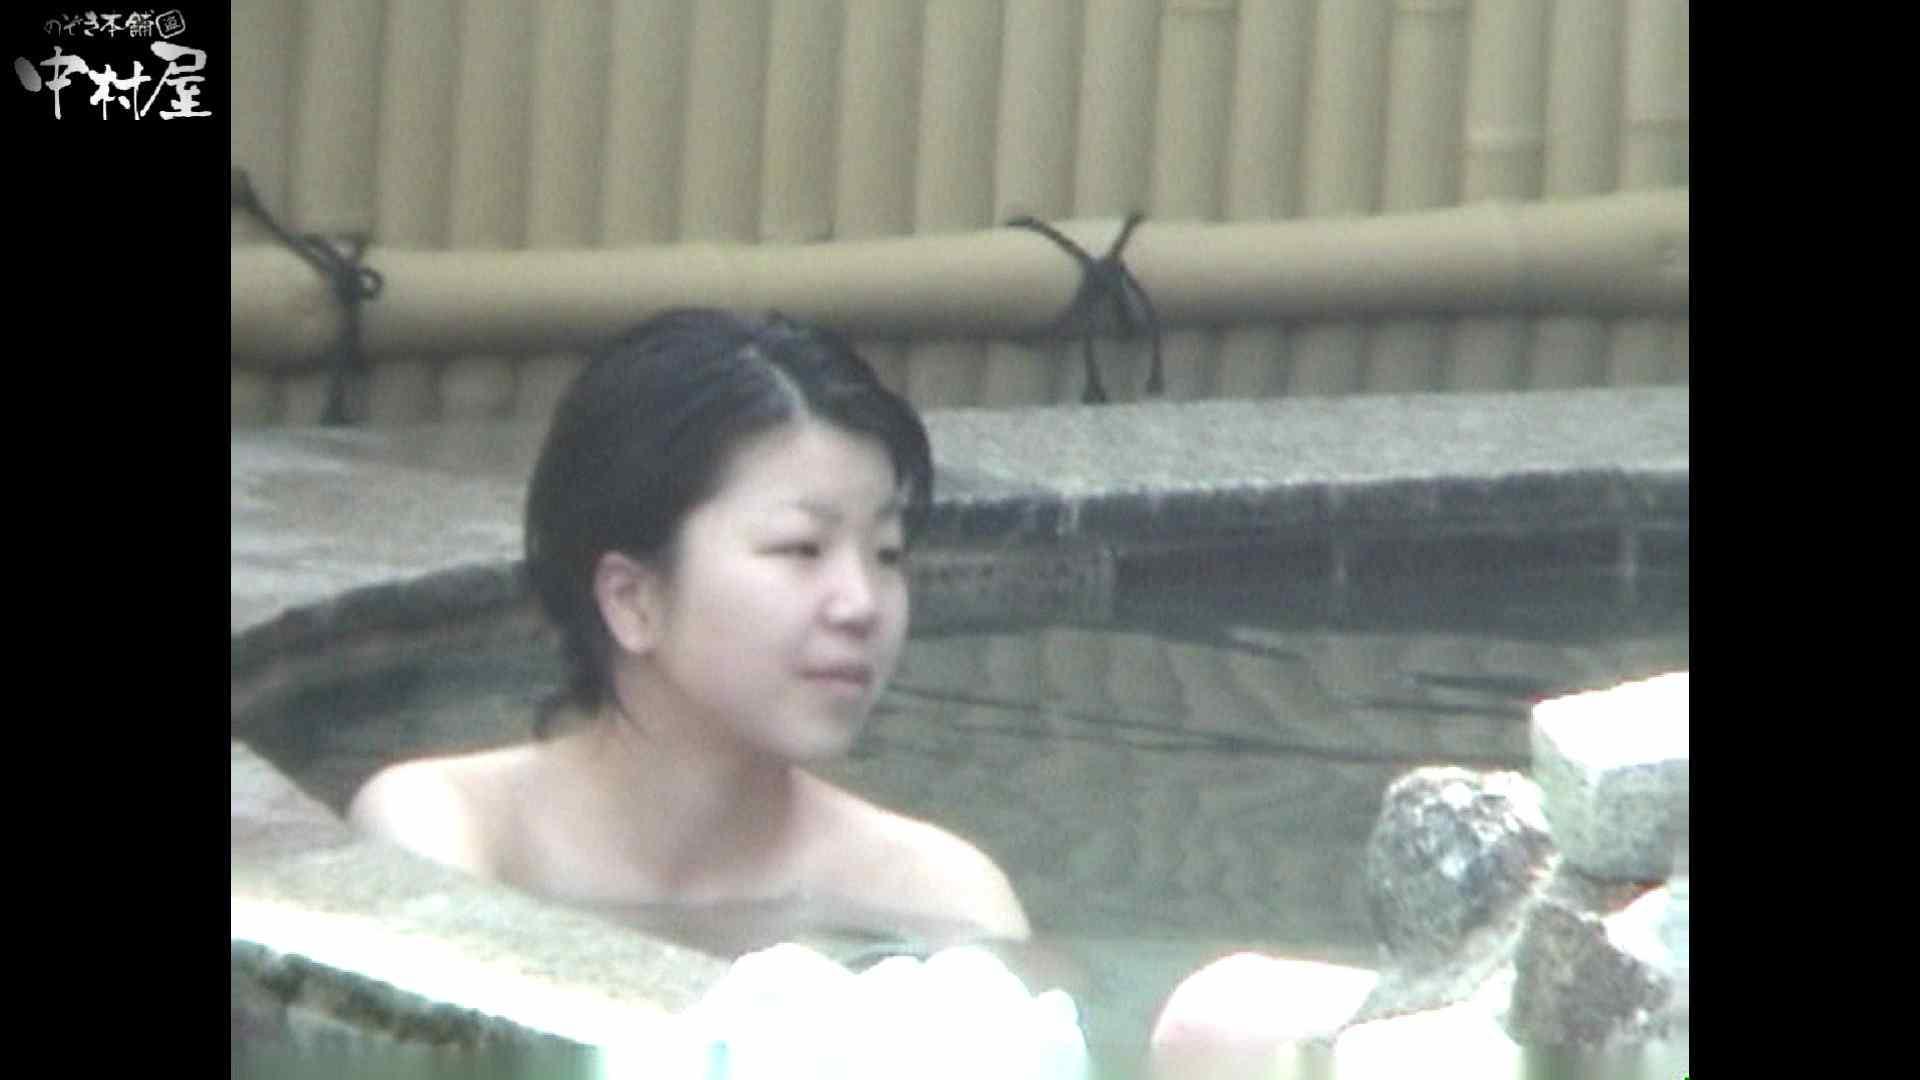 Aquaな露天風呂Vol.936 盗撮  75画像 27